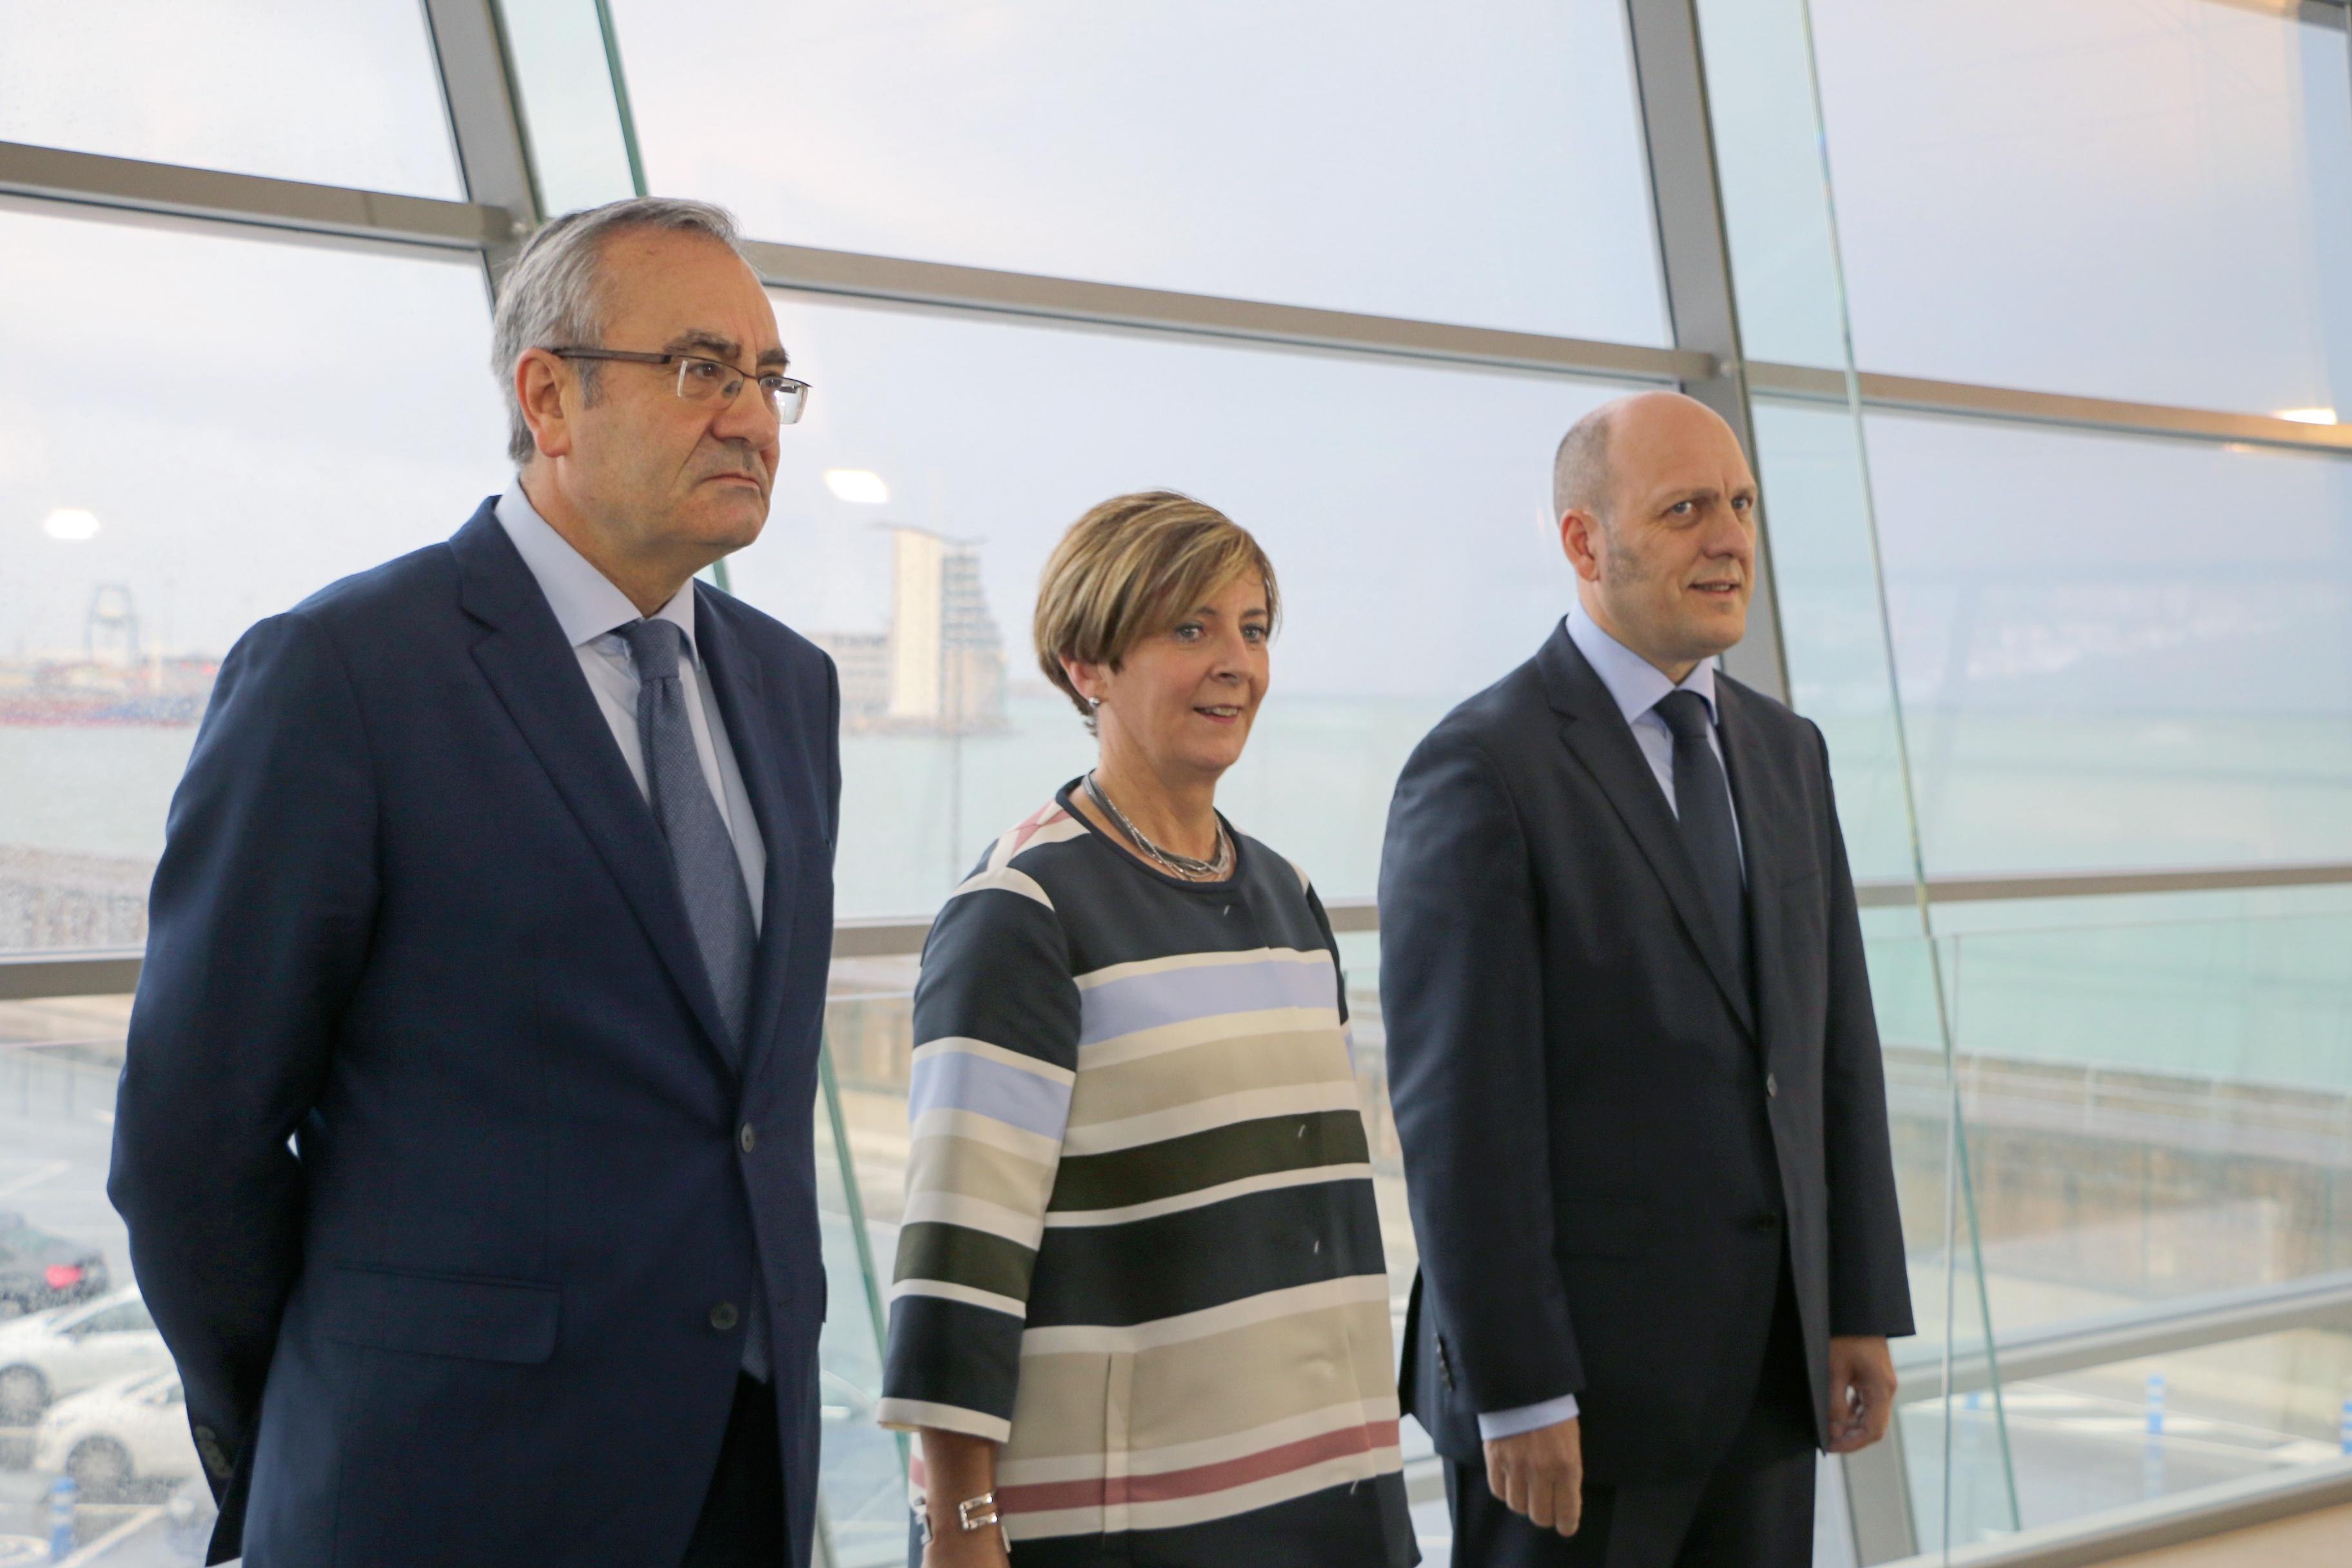 La consejera Tapia asiste a la presentación del Plan Estratégico del Puerto de Bilbao